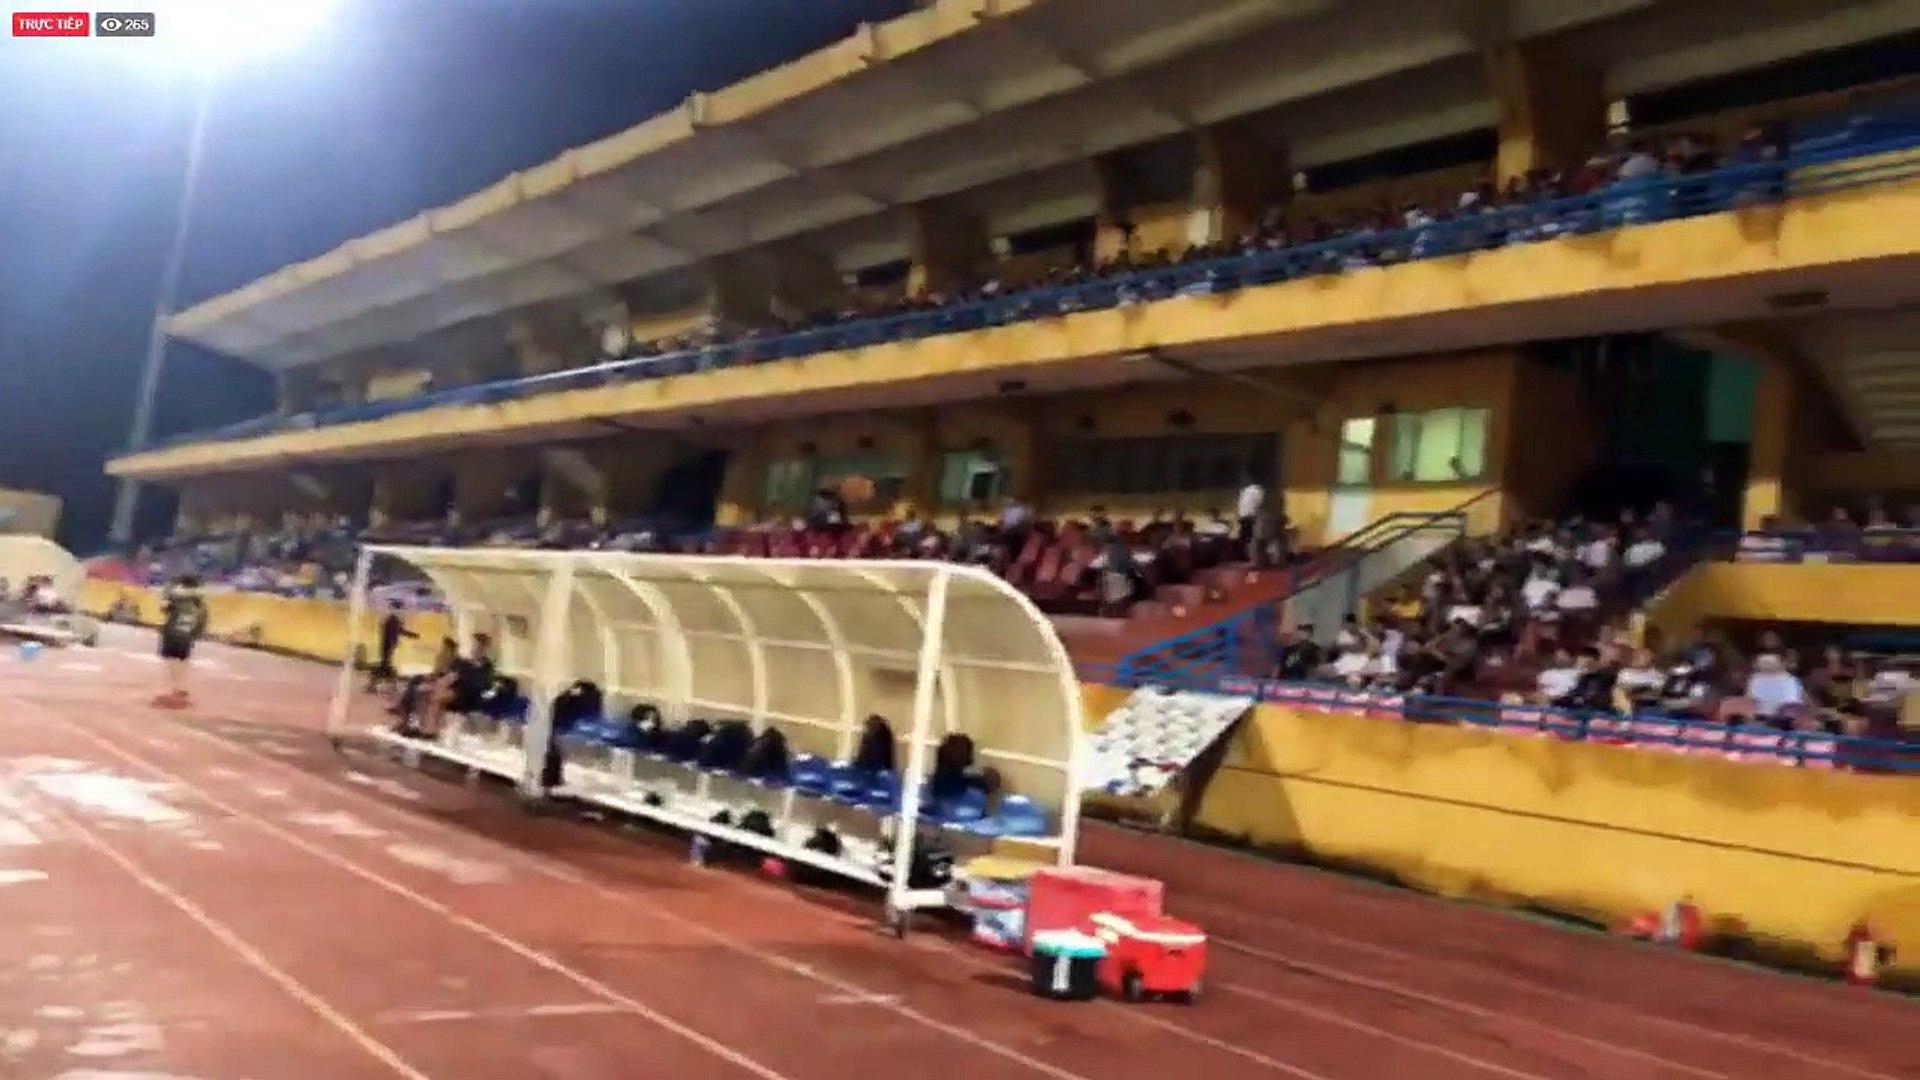 Trực tiếp | Hà Nội khởi động trong bầu không khí sôi động trước trận đấu bù Vòng 22 với DNH Nam Định